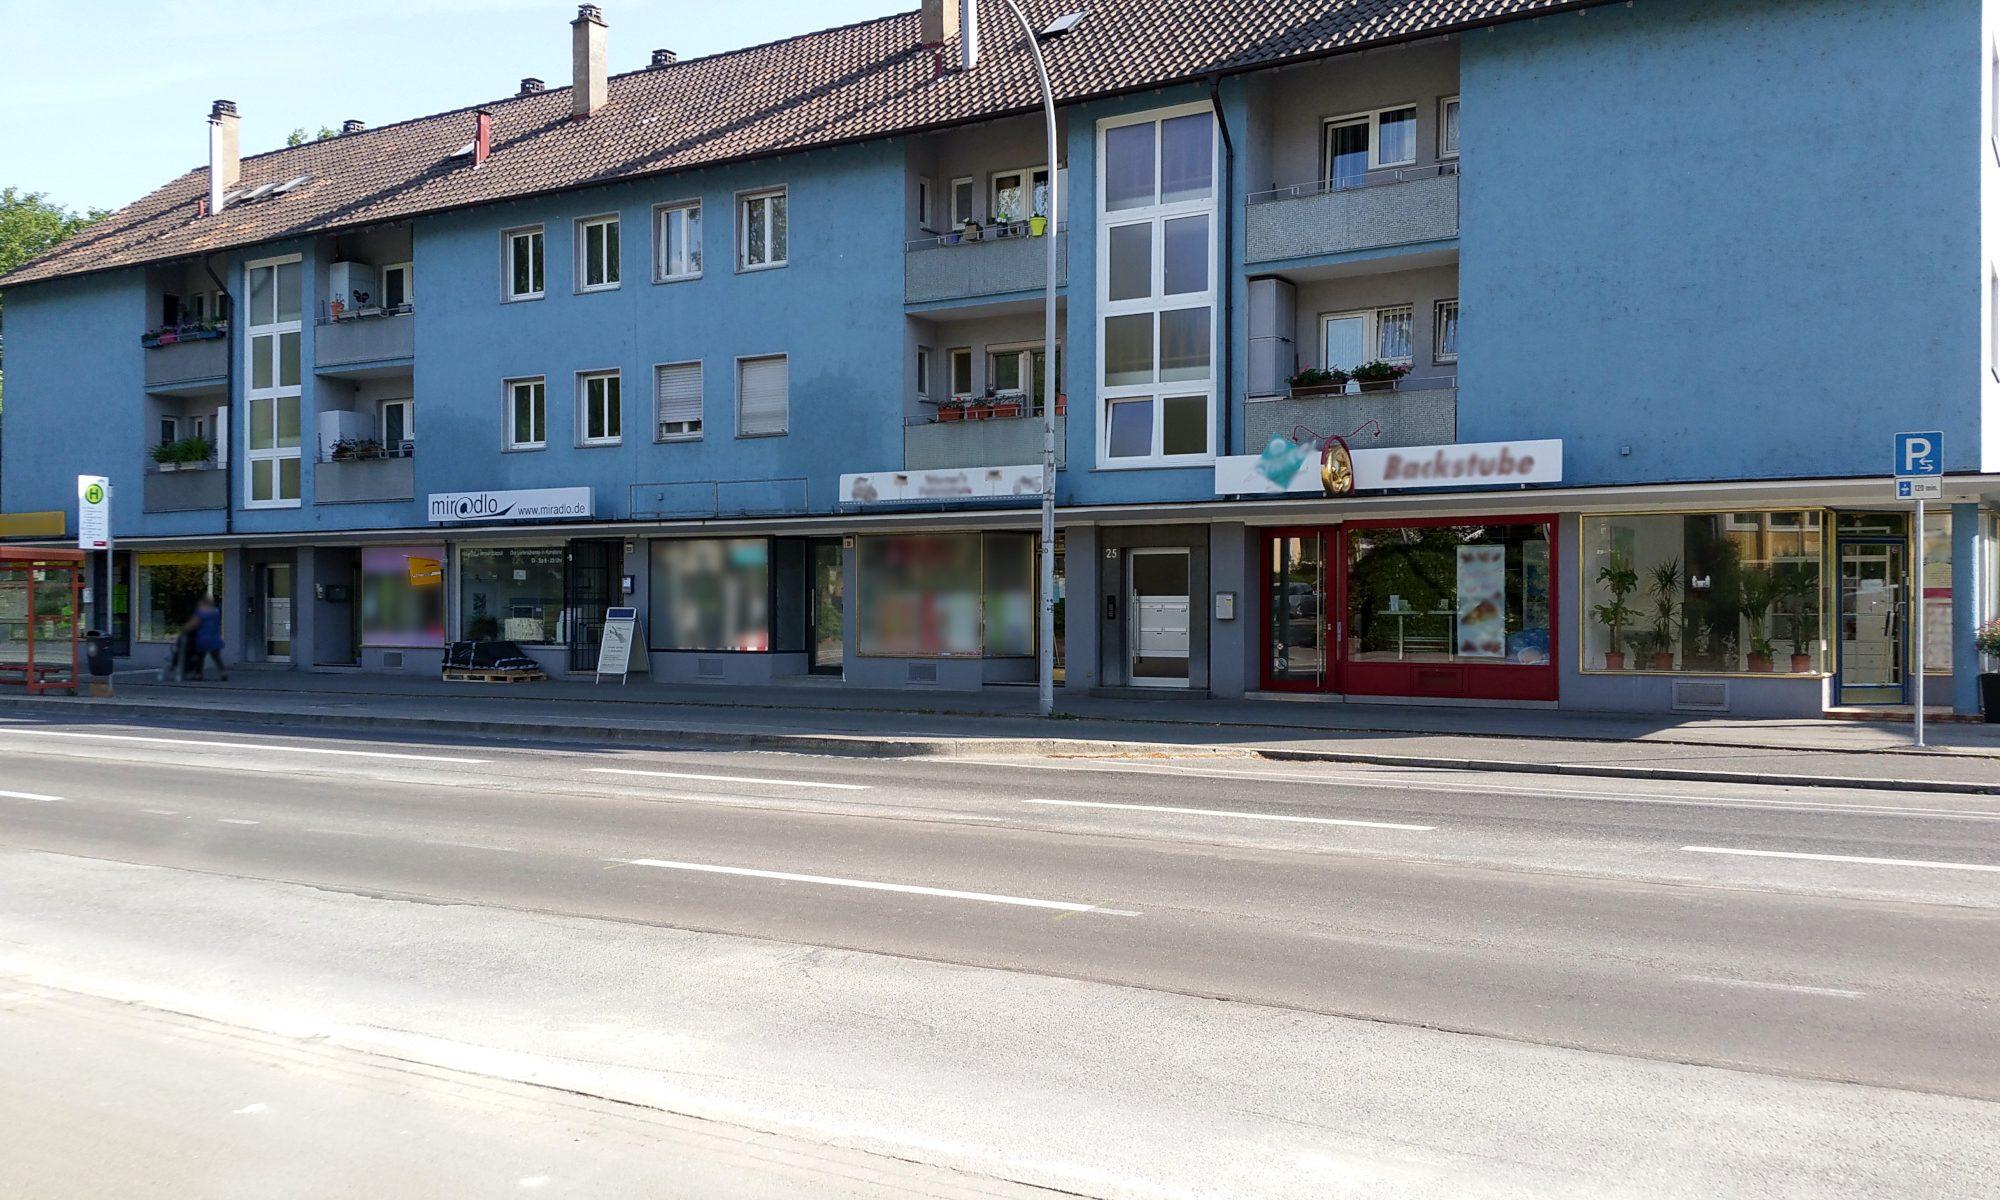 Kurzparkplätze vor der Ladenzeile - Parken jetzt wieder ohne Baustelle vorm miradlo Versanddepot Konstanz